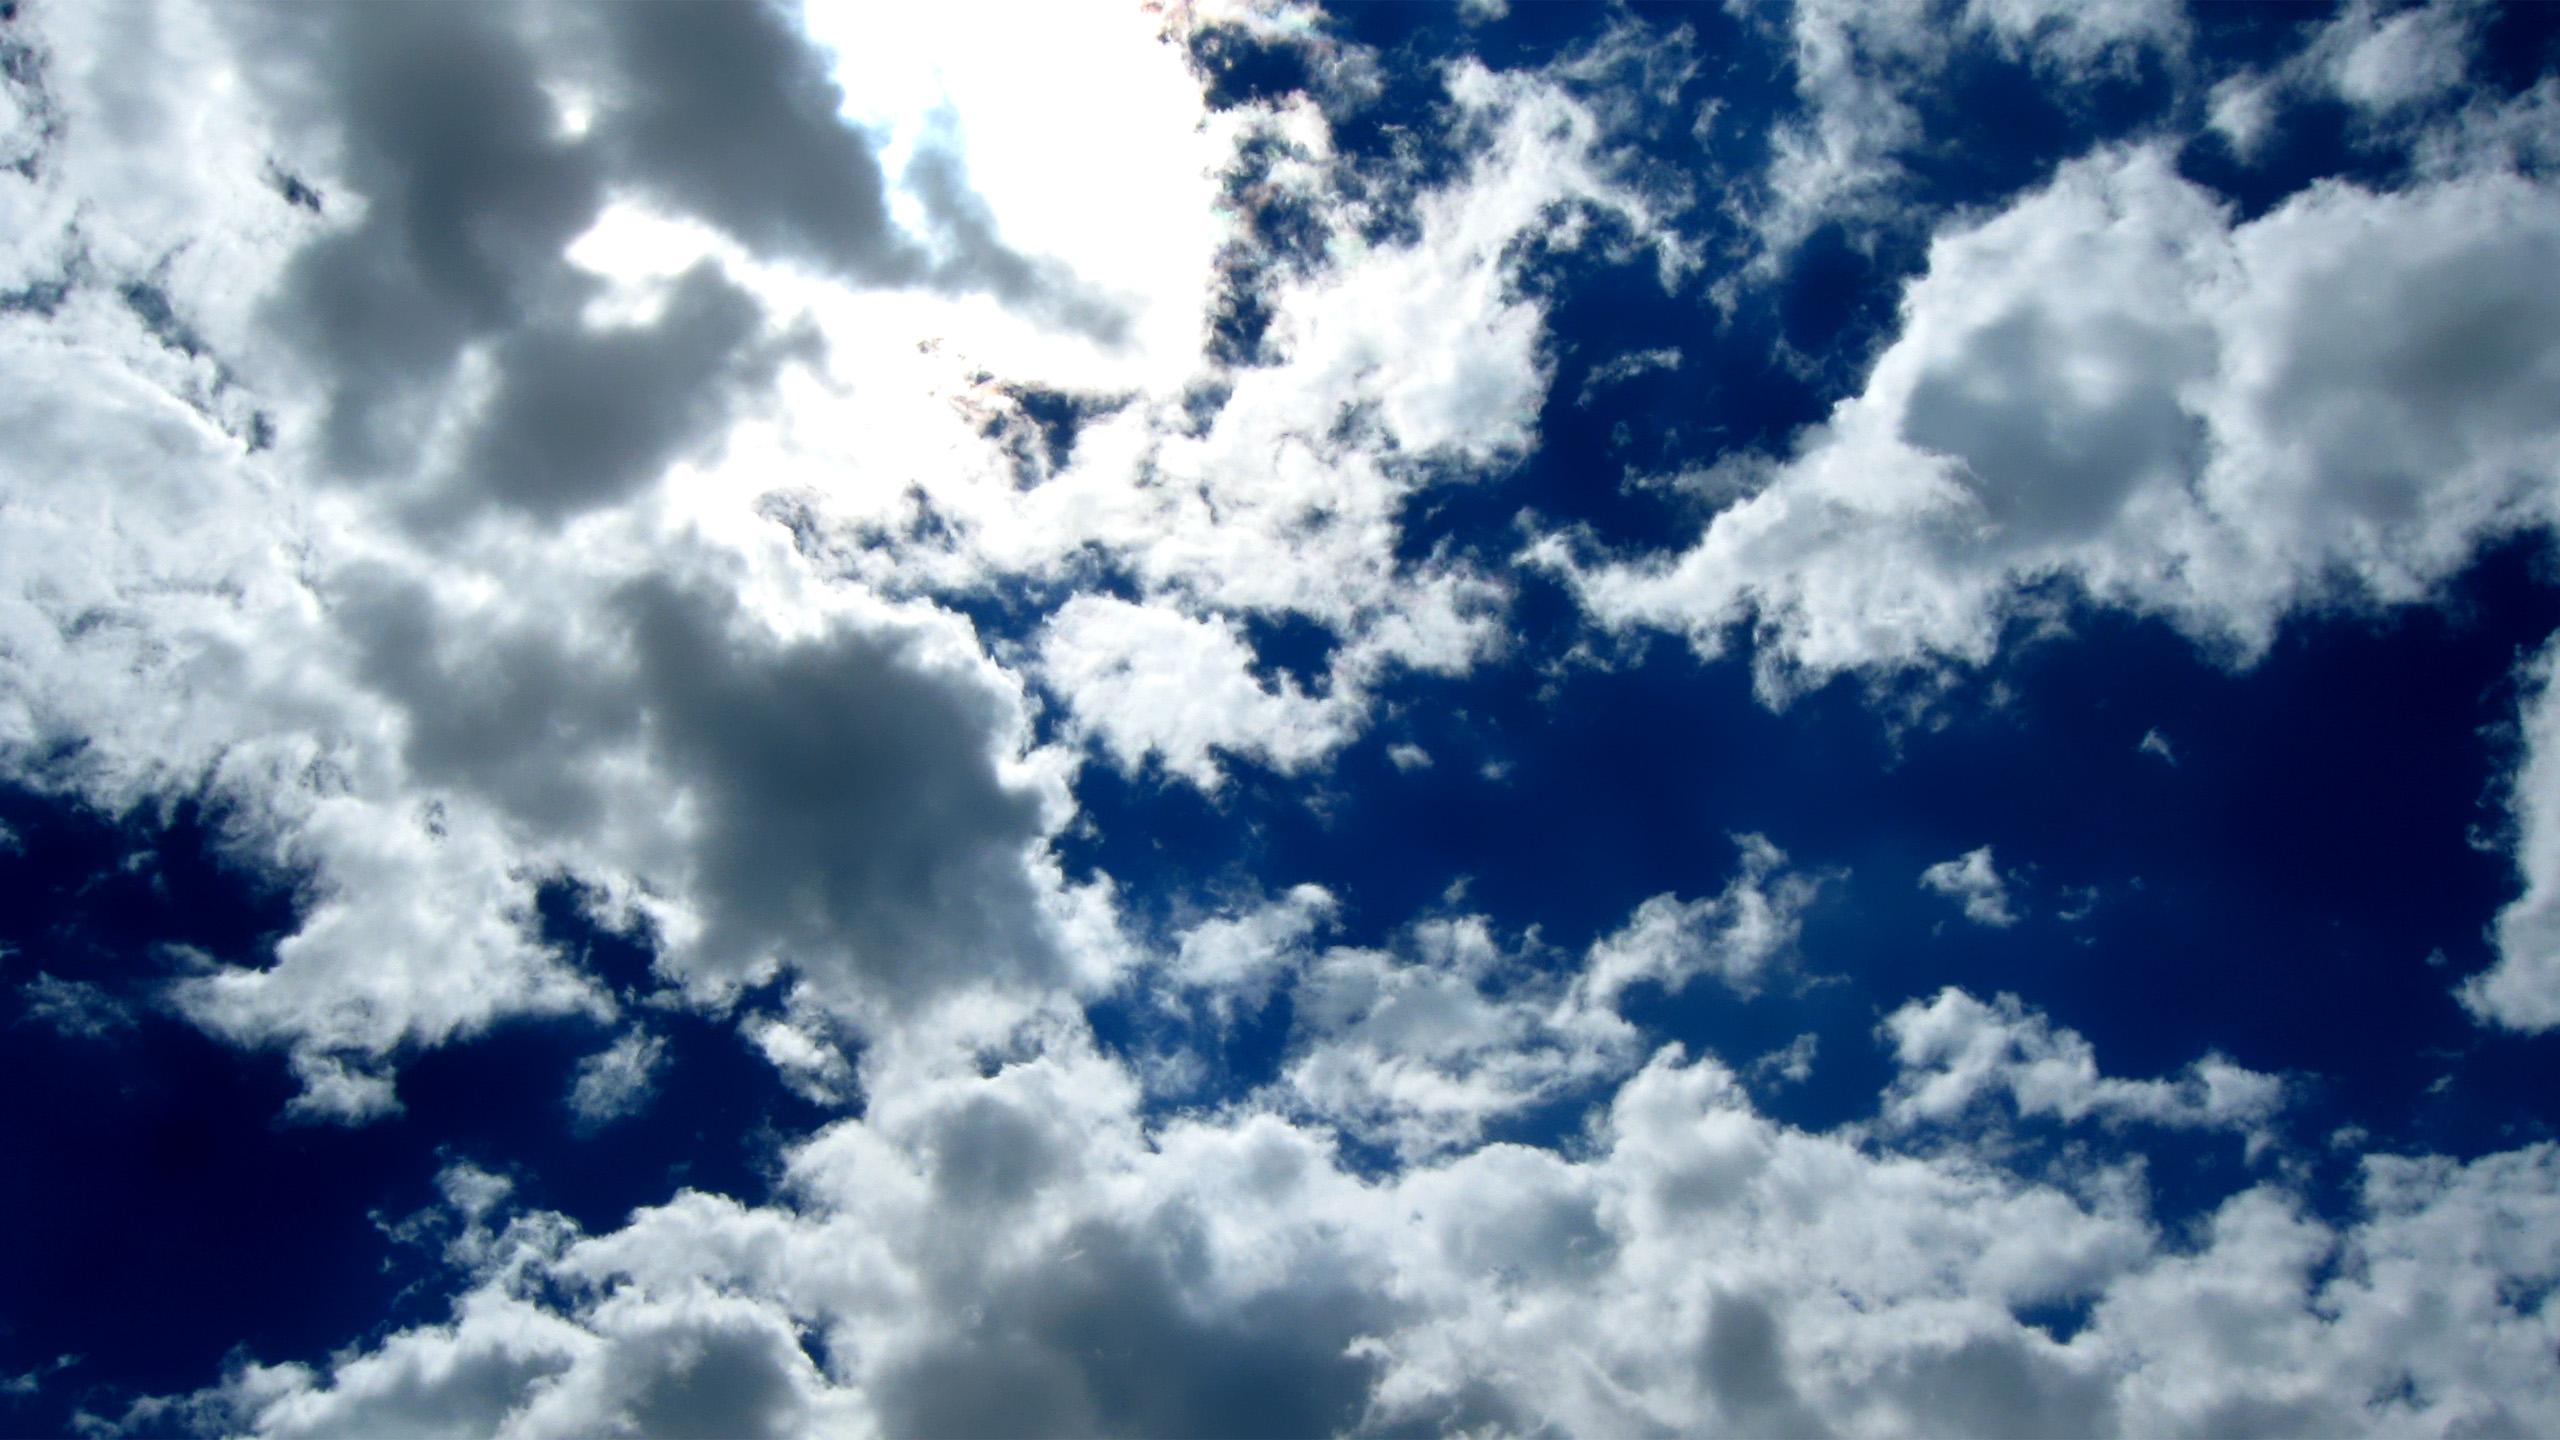 Облака в голубом небе  № 1666030 бесплатно